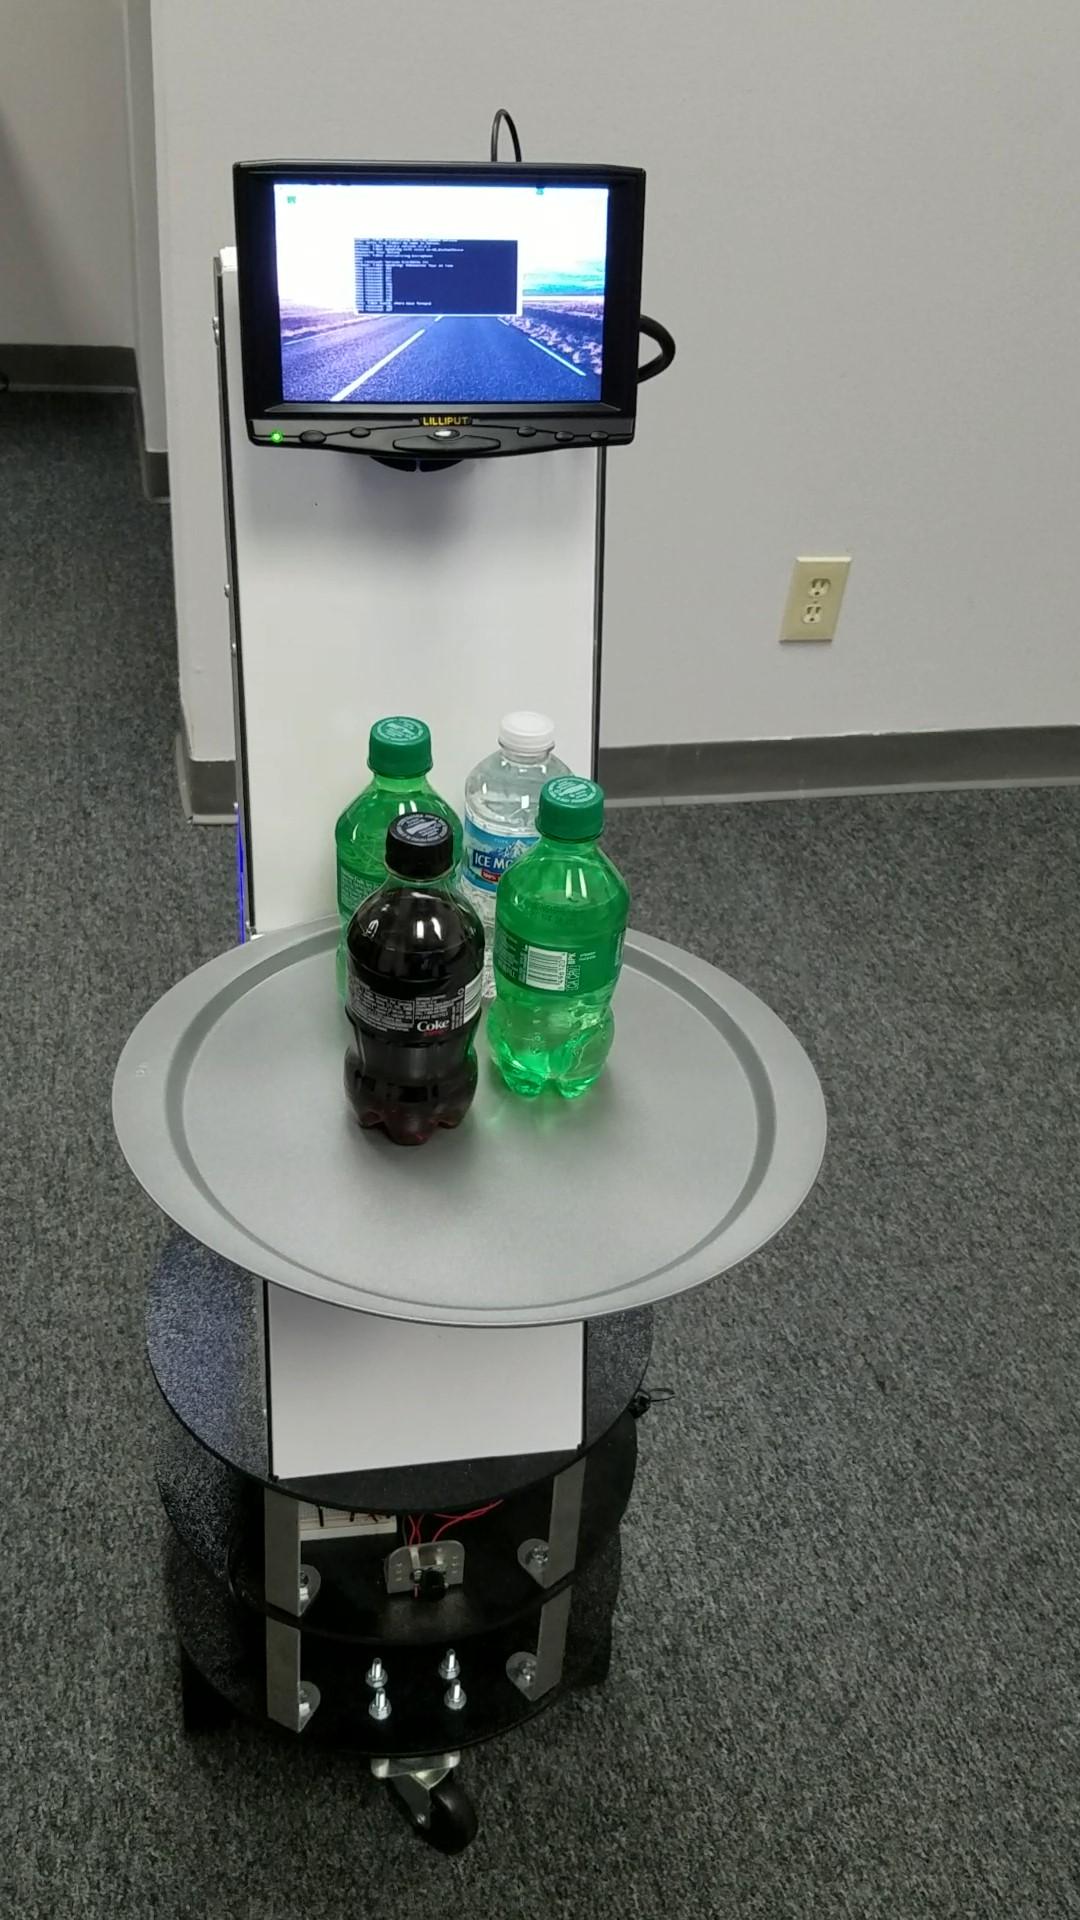 Sonar Unit in Robotwaiter 4